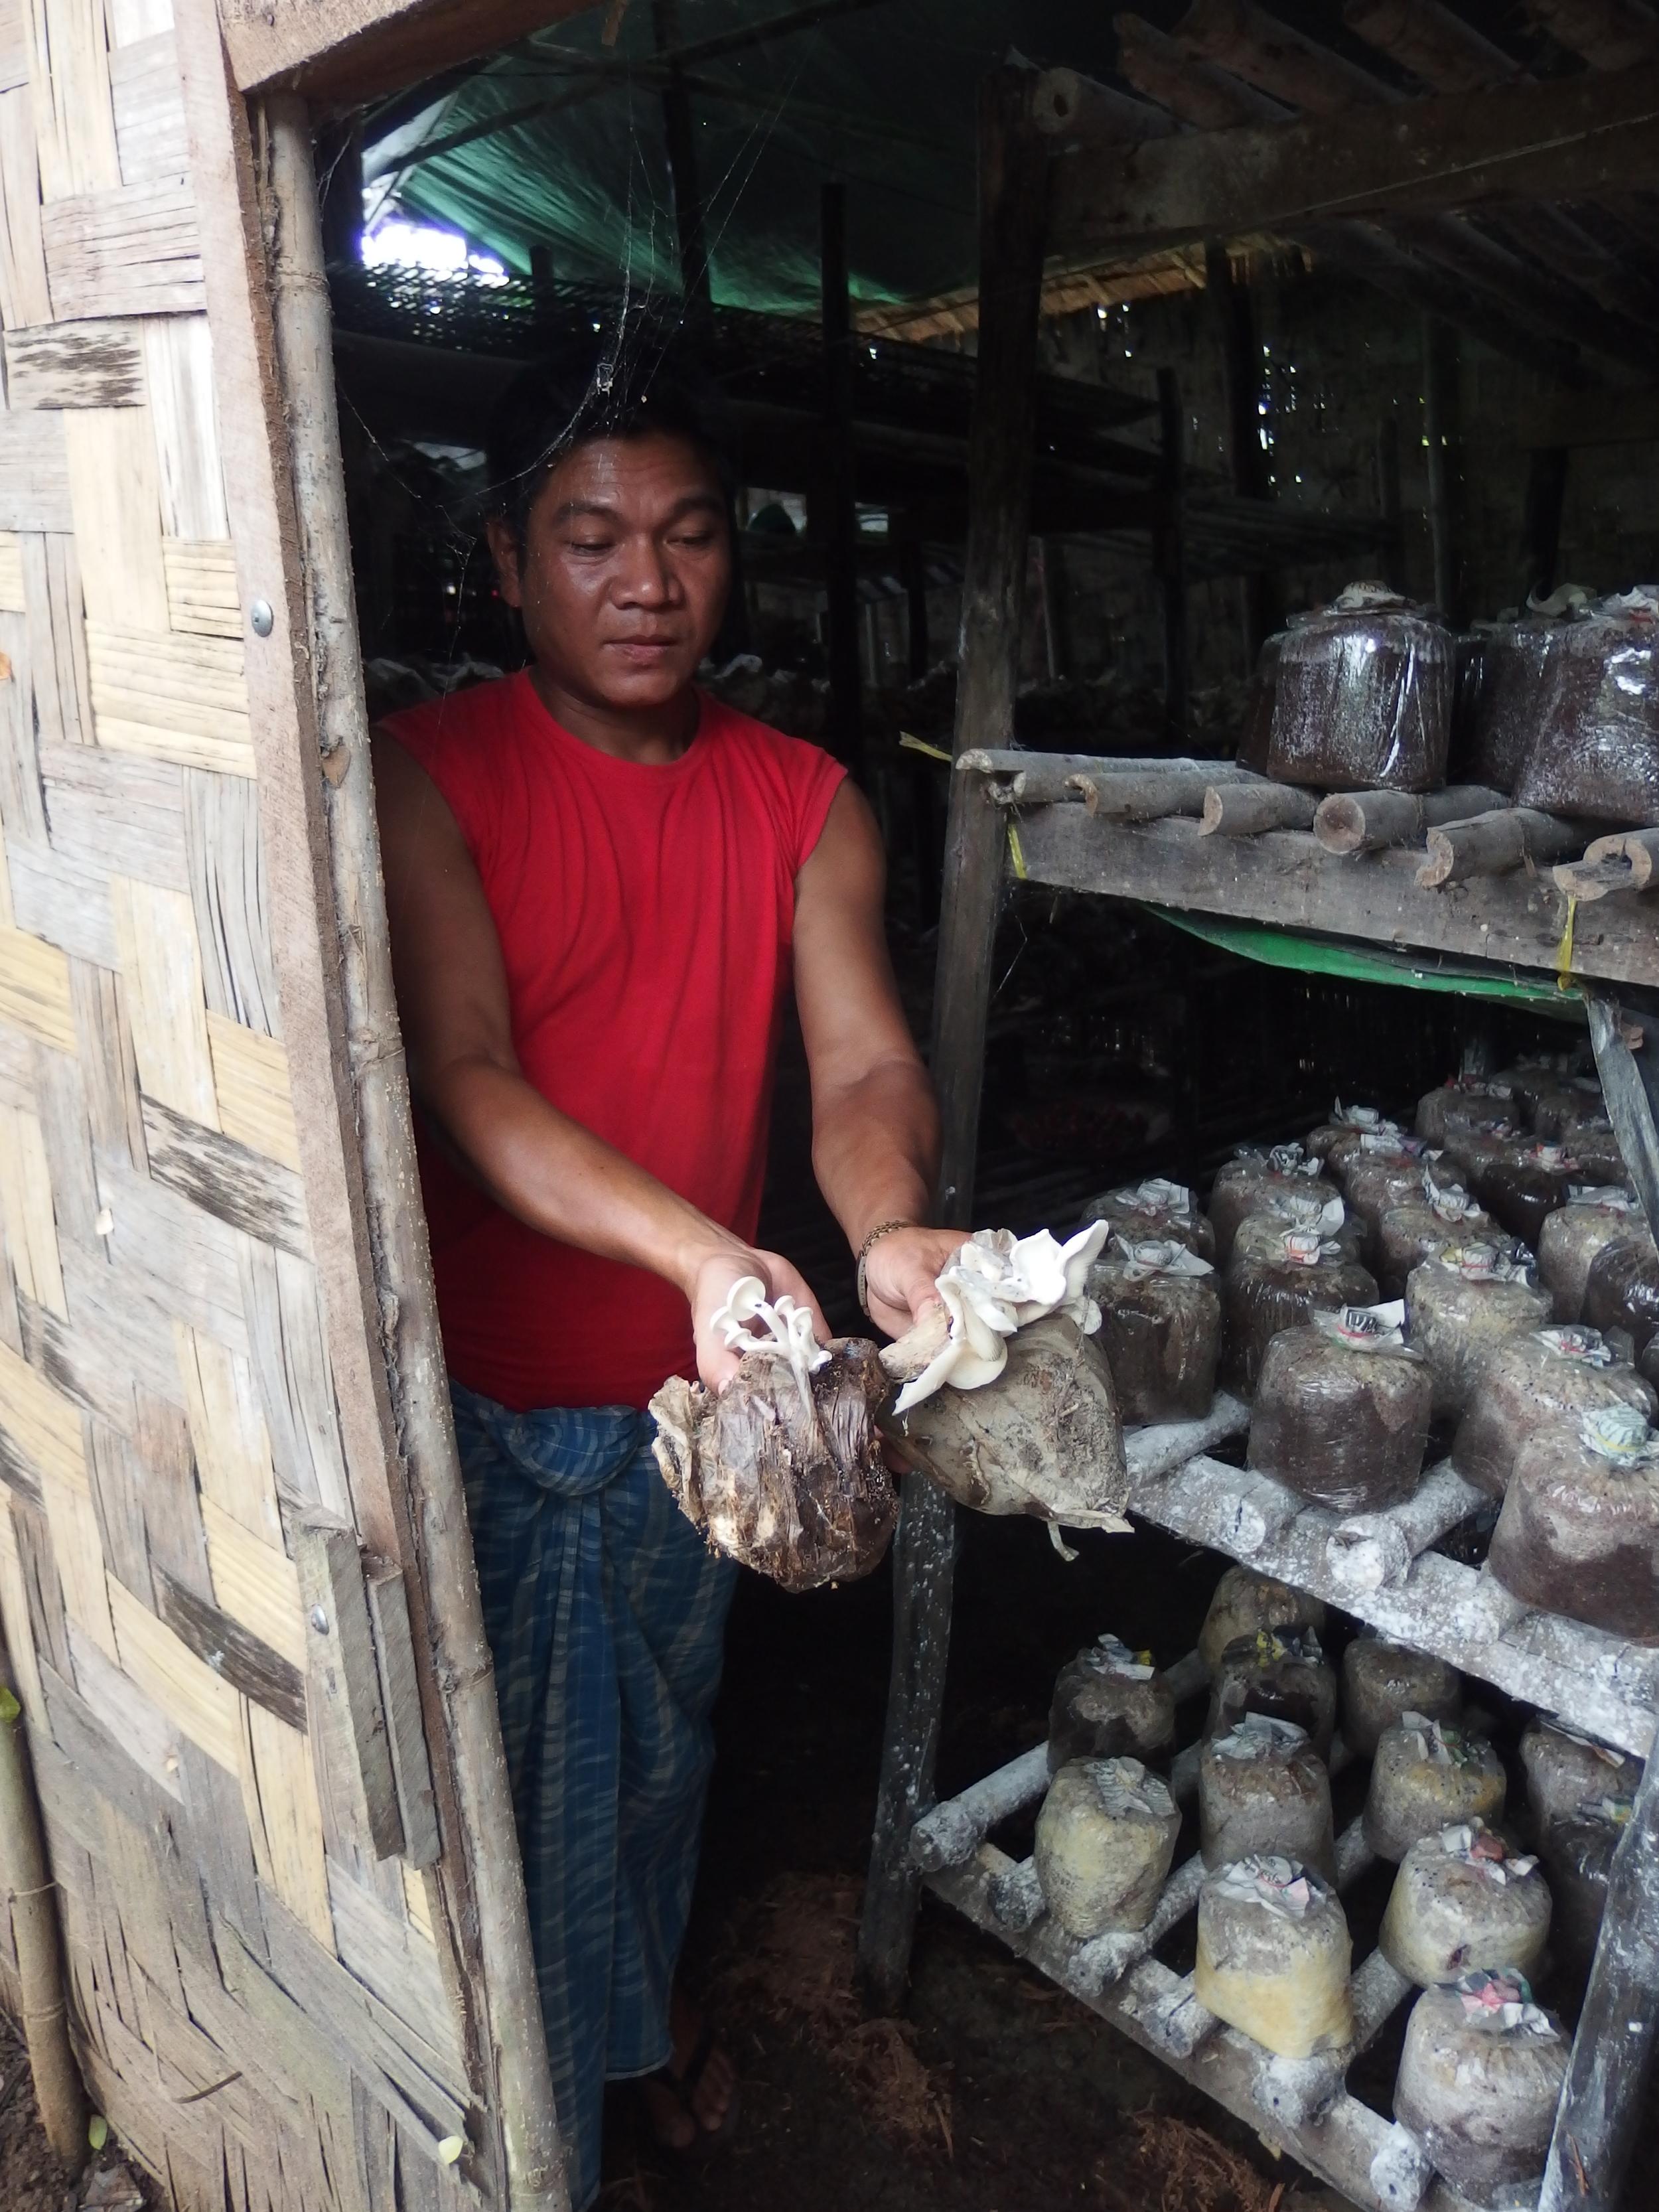 U Kyaw La tends to the clinic's large mushroom farm.